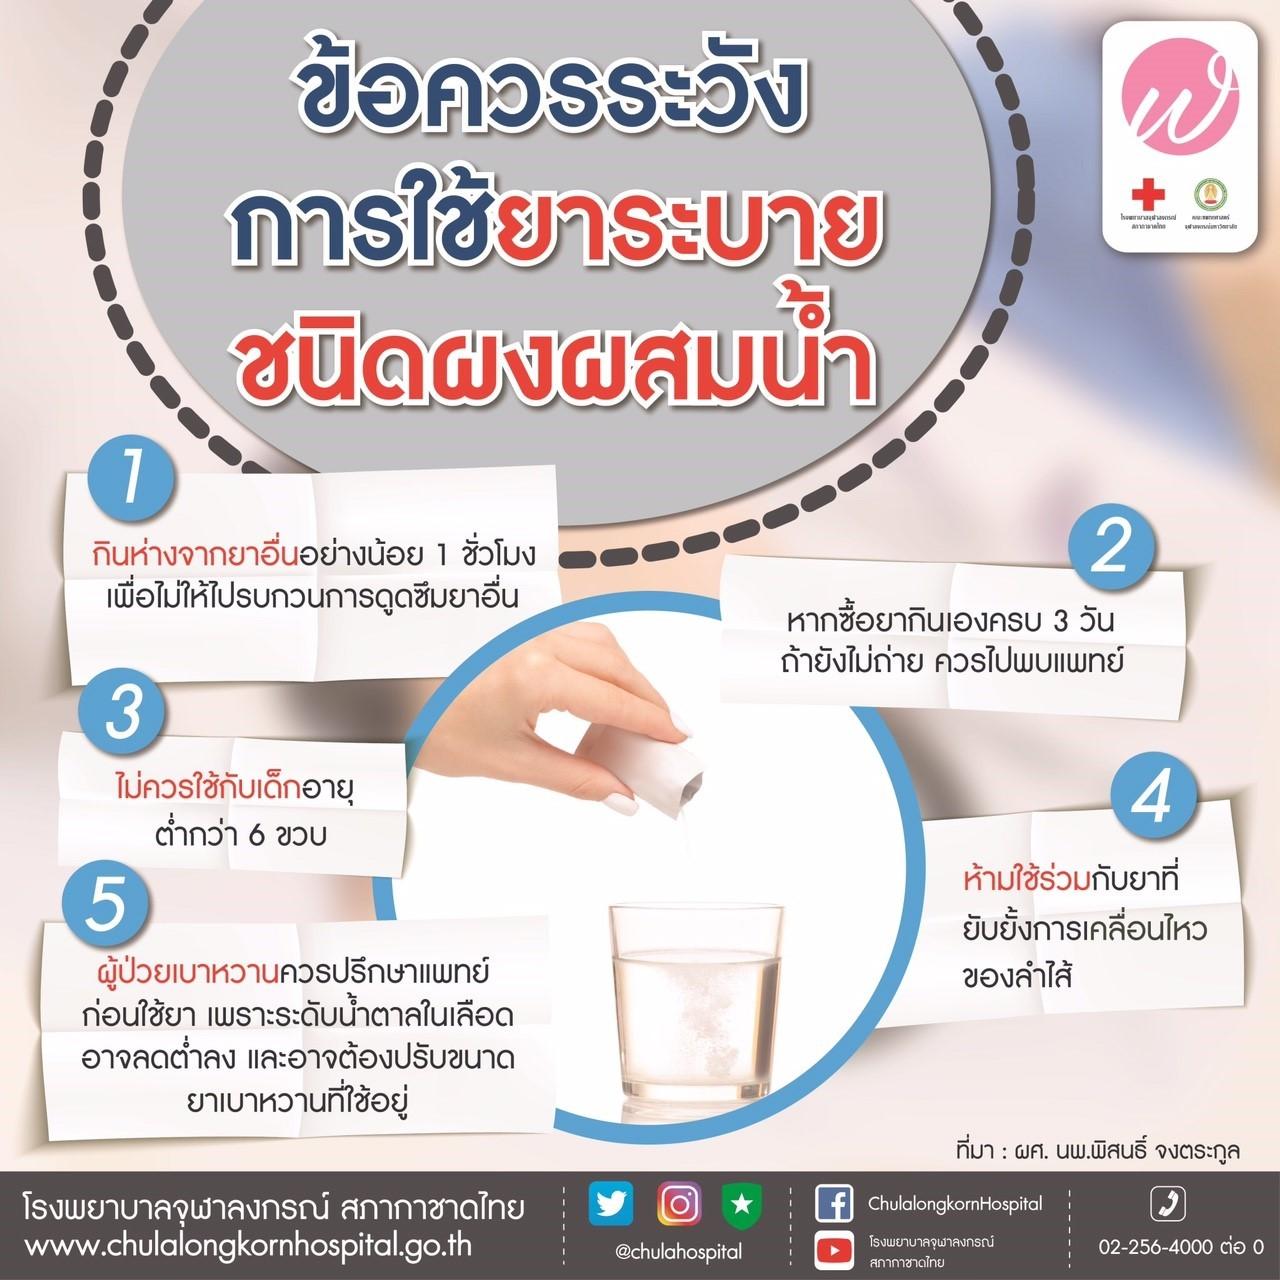 ข้อควรระวังการใช้ยาระบายชนิดผงผสมน้ำ